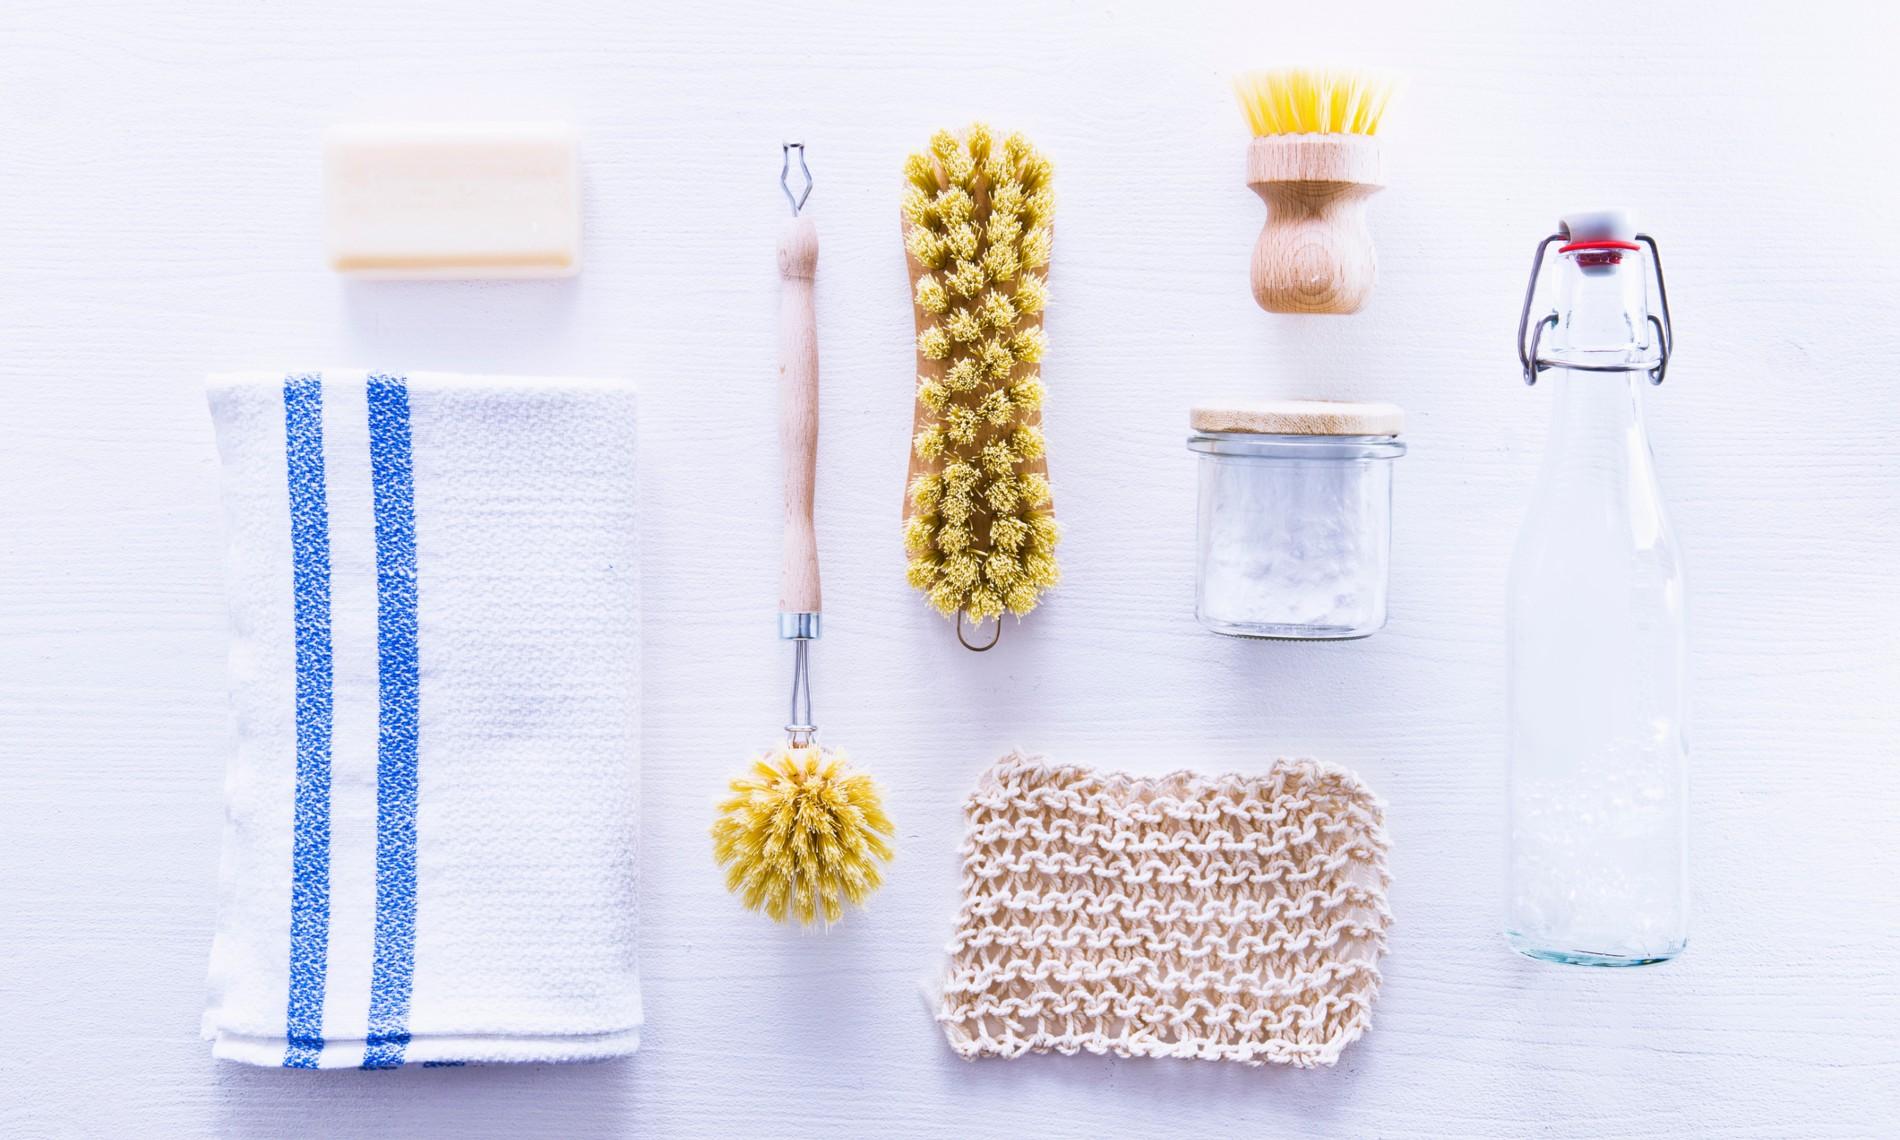 Nettoyer Le Lave Linge Au Bicarbonate trois produits d'entretien naturels pour nettoyer sans